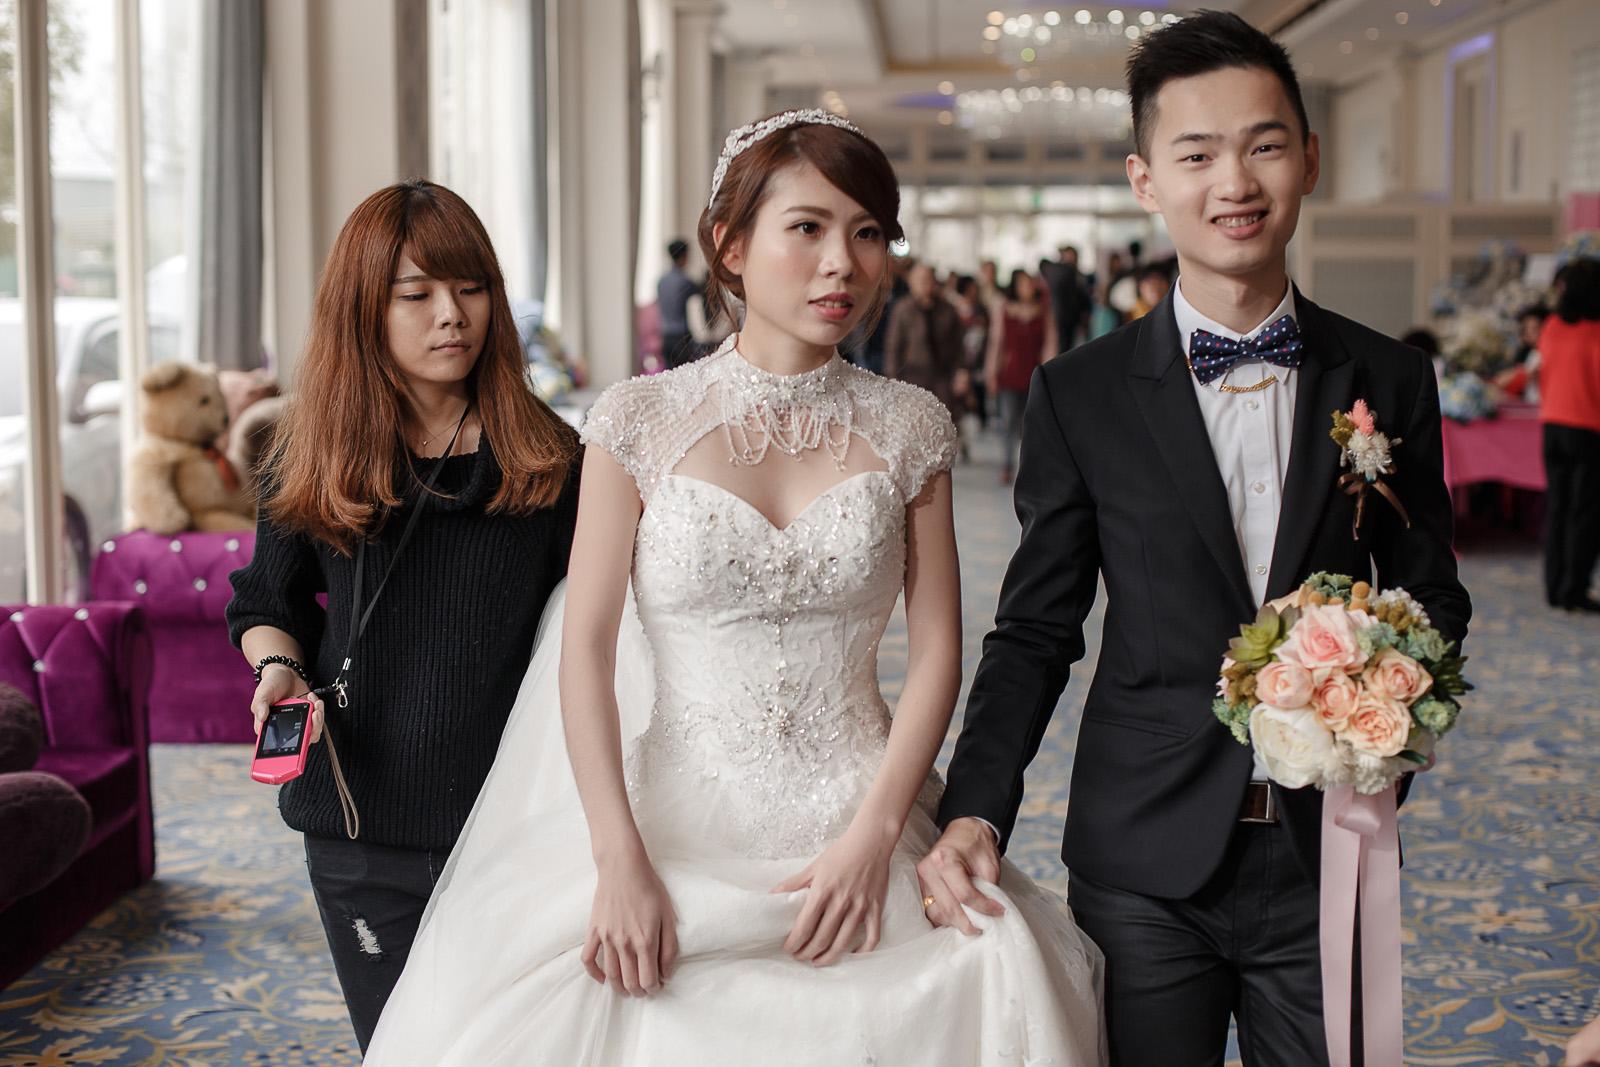 高雄圓山飯店,婚禮攝影,婚攝,高雄婚攝,優質婚攝推薦,Jen&Ethan-229